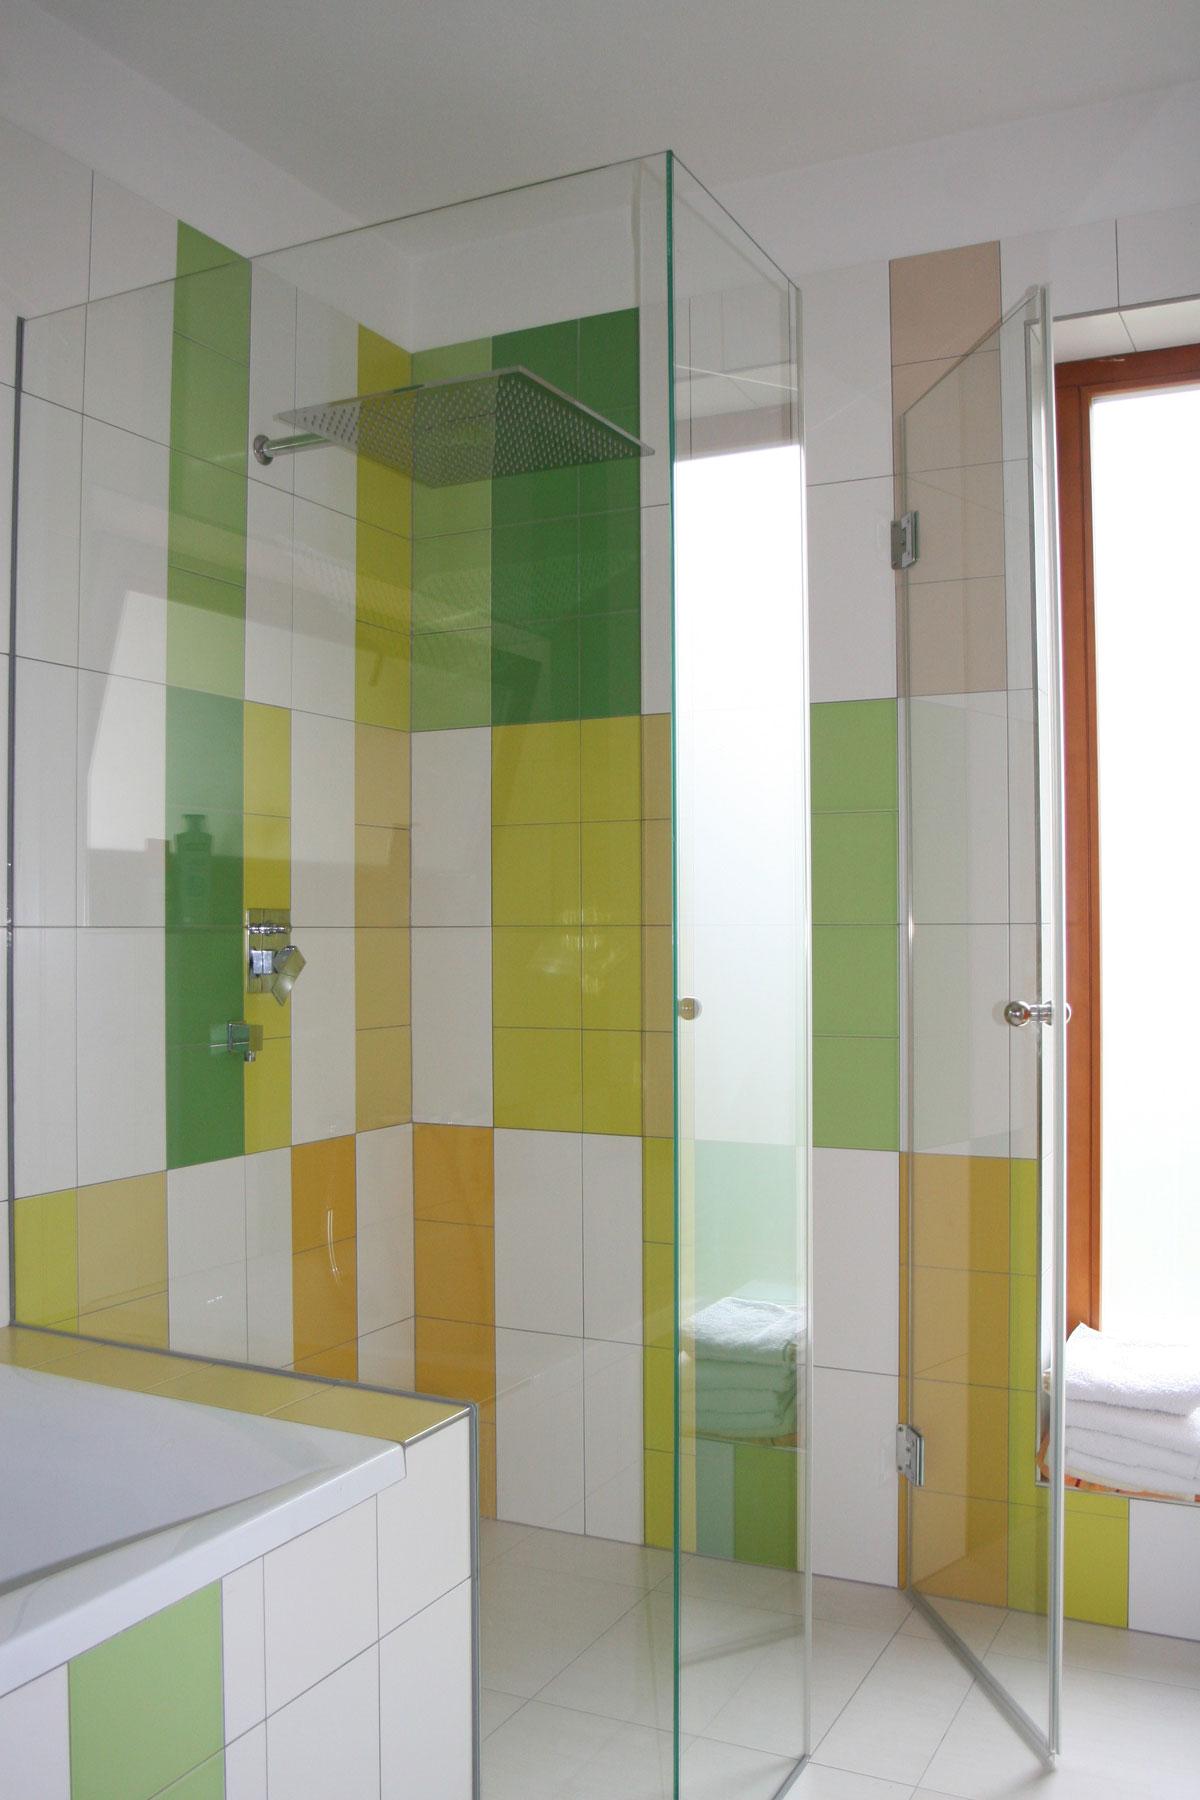 Sklenarstvi-Prerost-sprchove- kouty-a-sprchy (16)